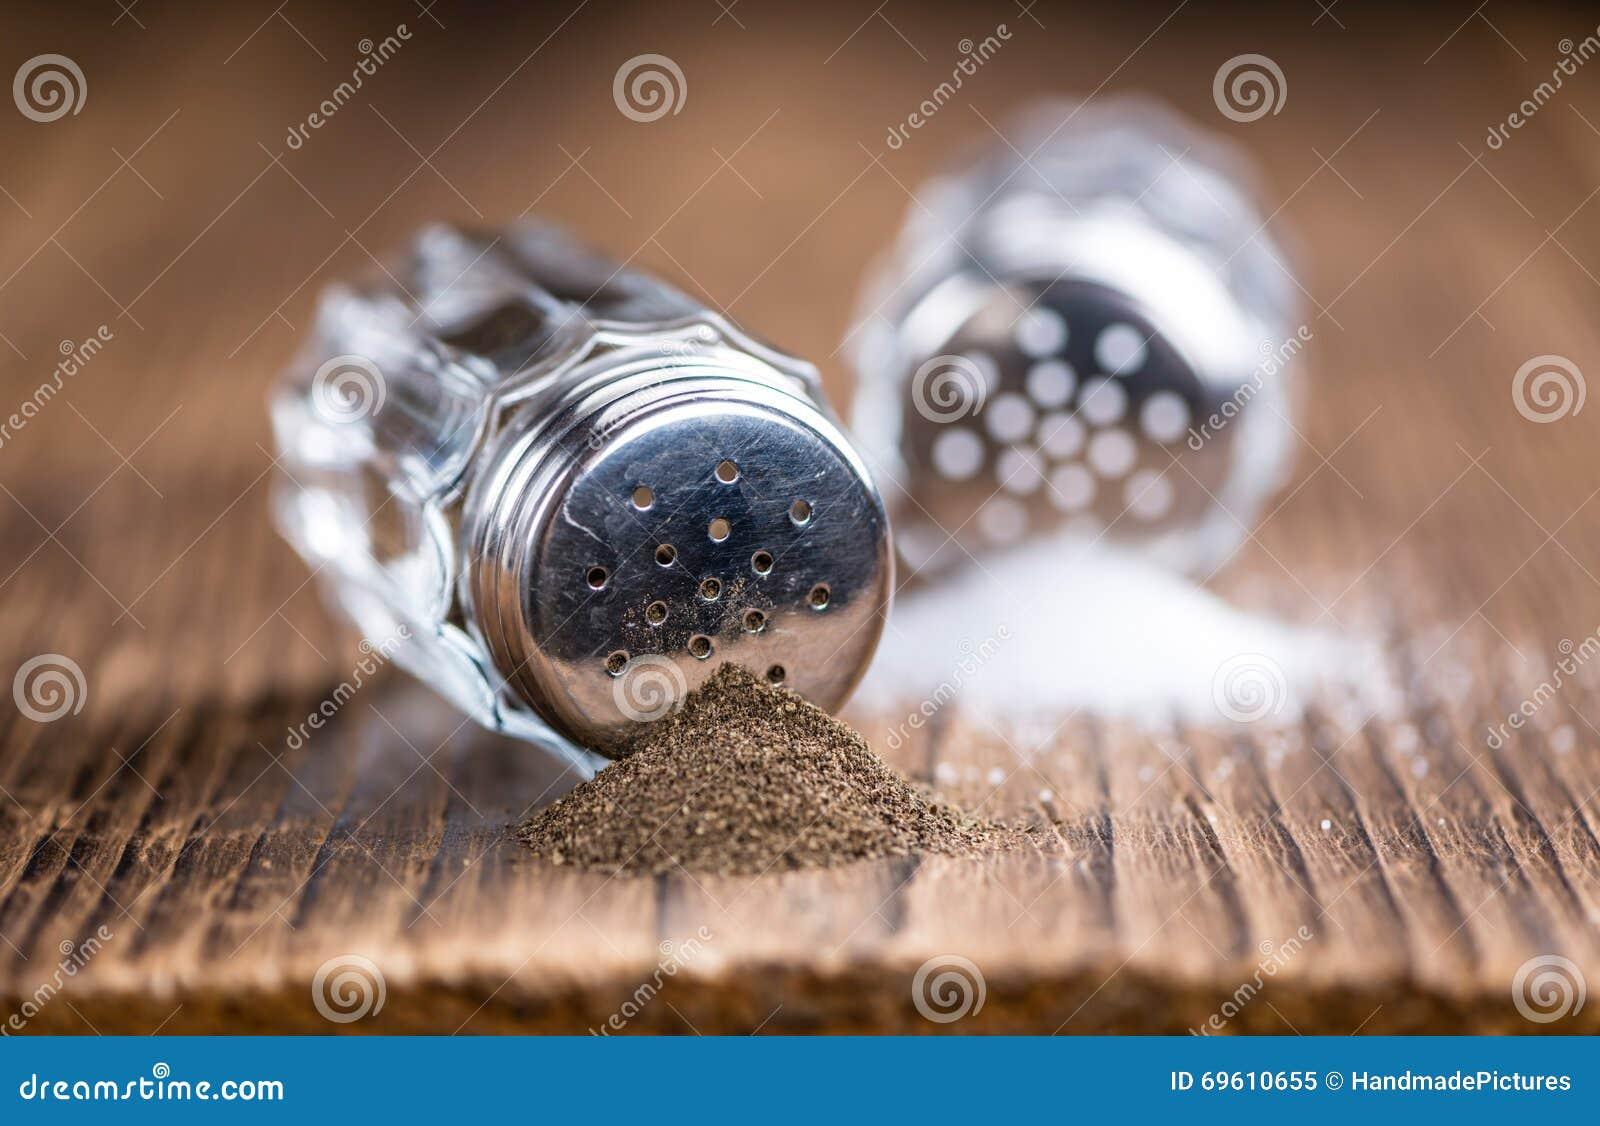 Holztisch mit Salz-und Pfeffer-Schüttel-Apparat